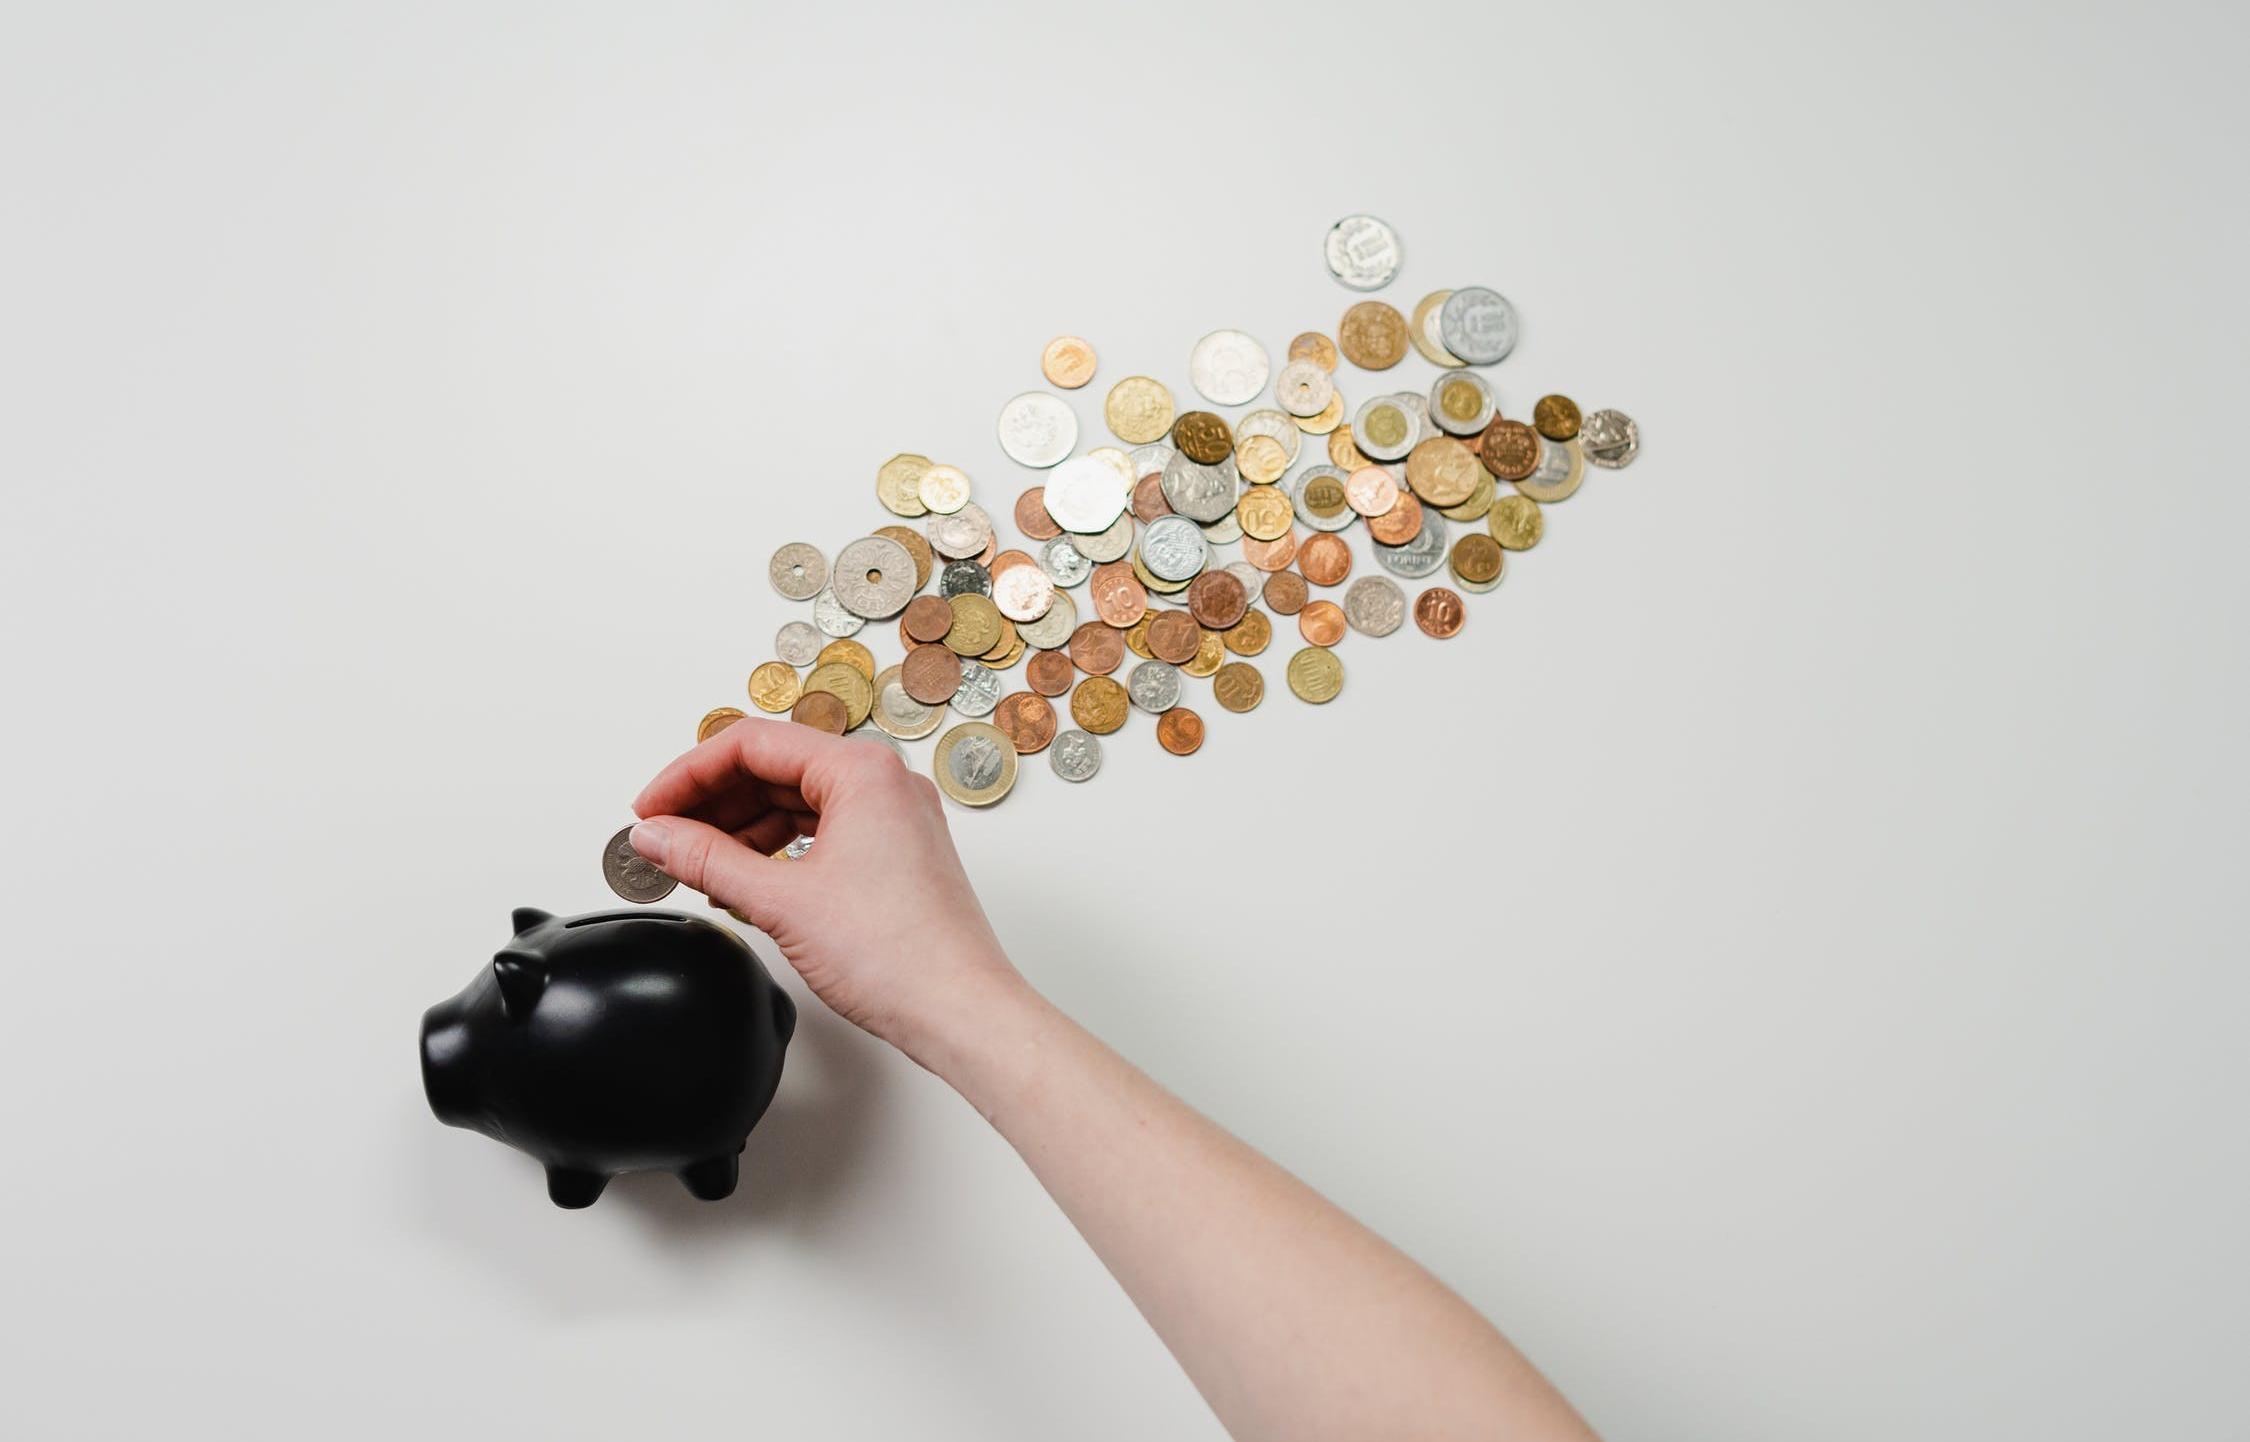 ВТБ Капитал Инвестиции привлекли под управление 3,5 трлн руб. - новости Афанасий